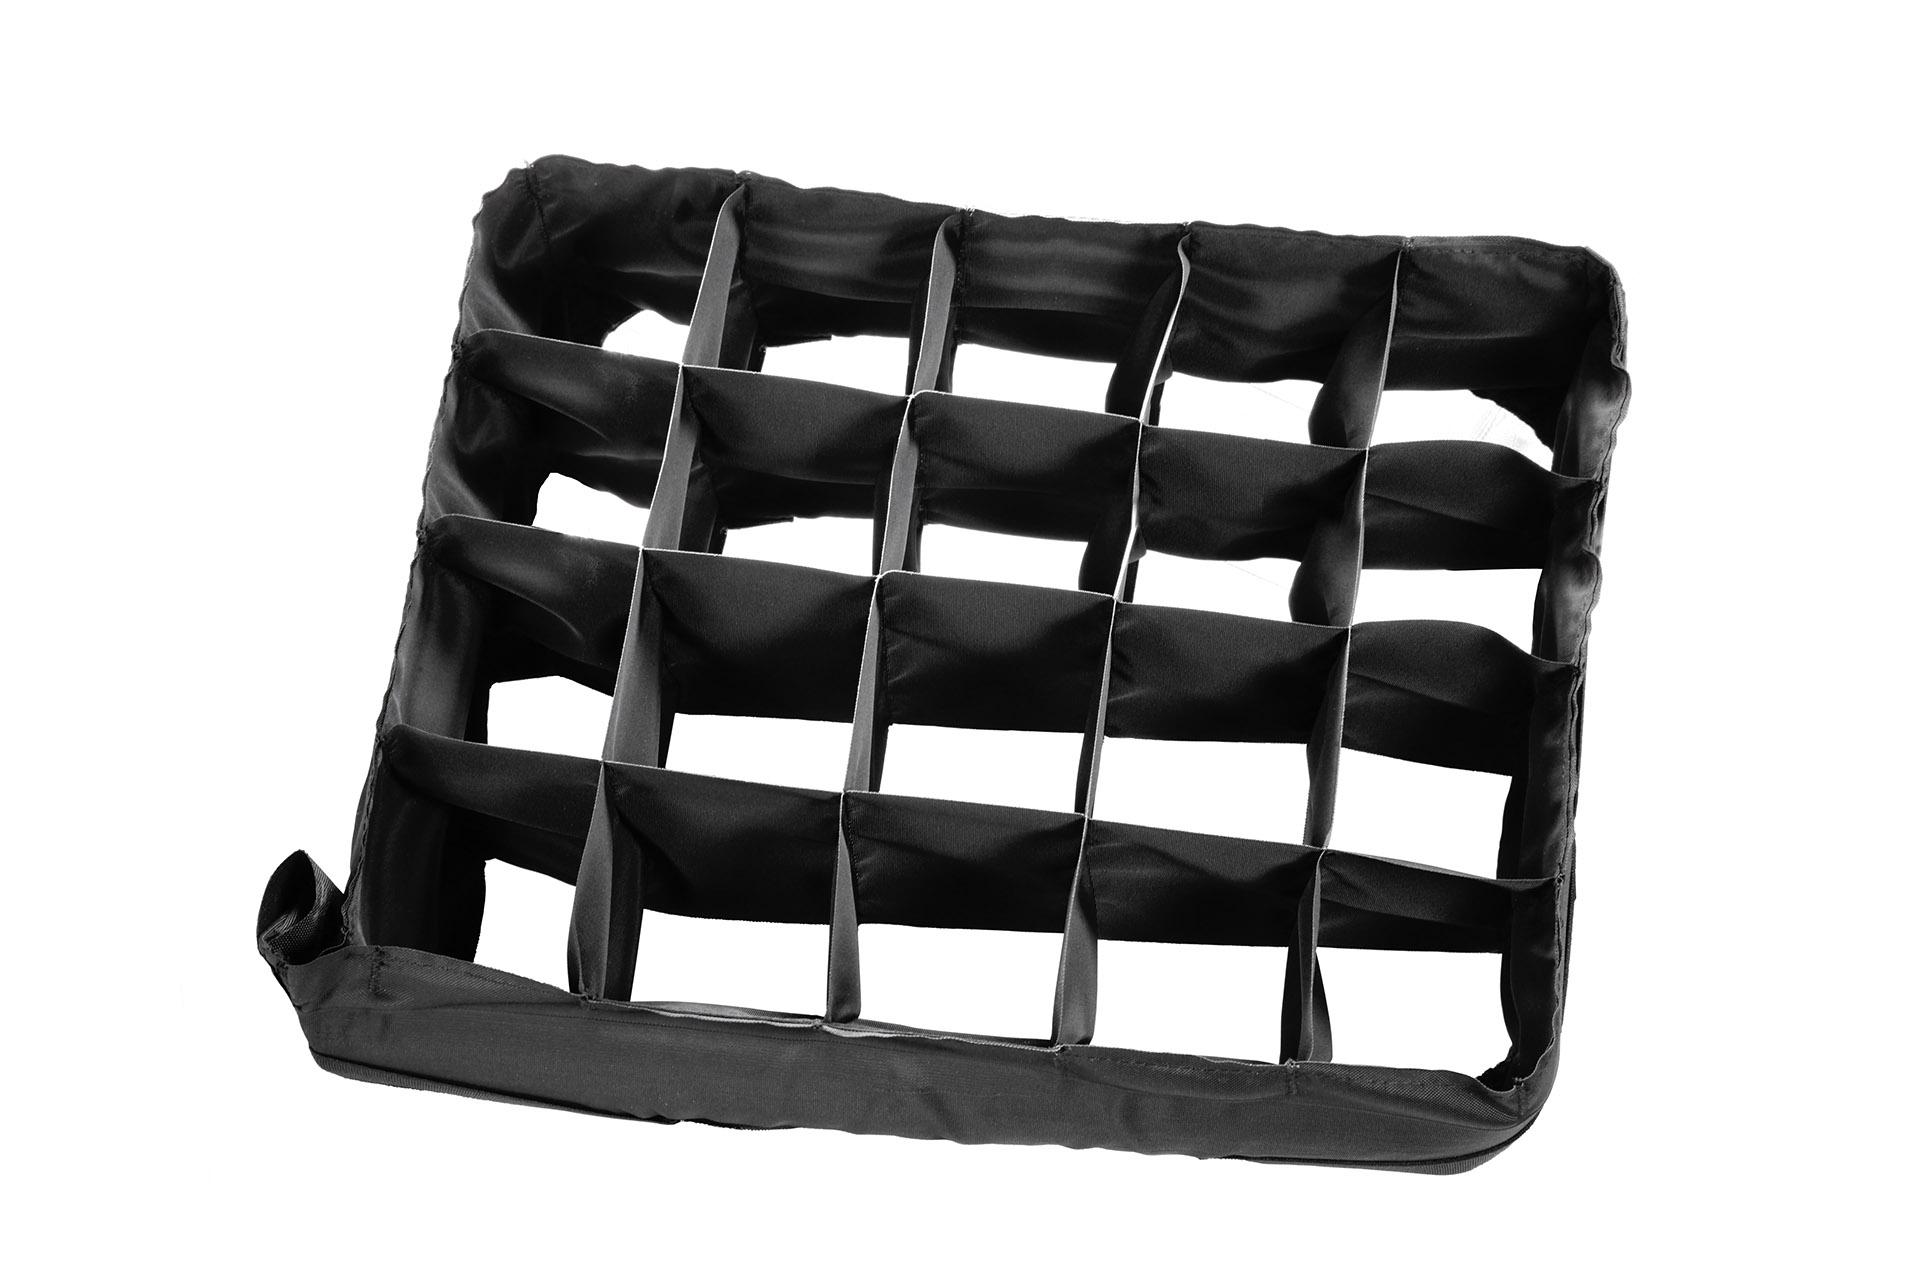 VELVET 1 foldable Snapgrid